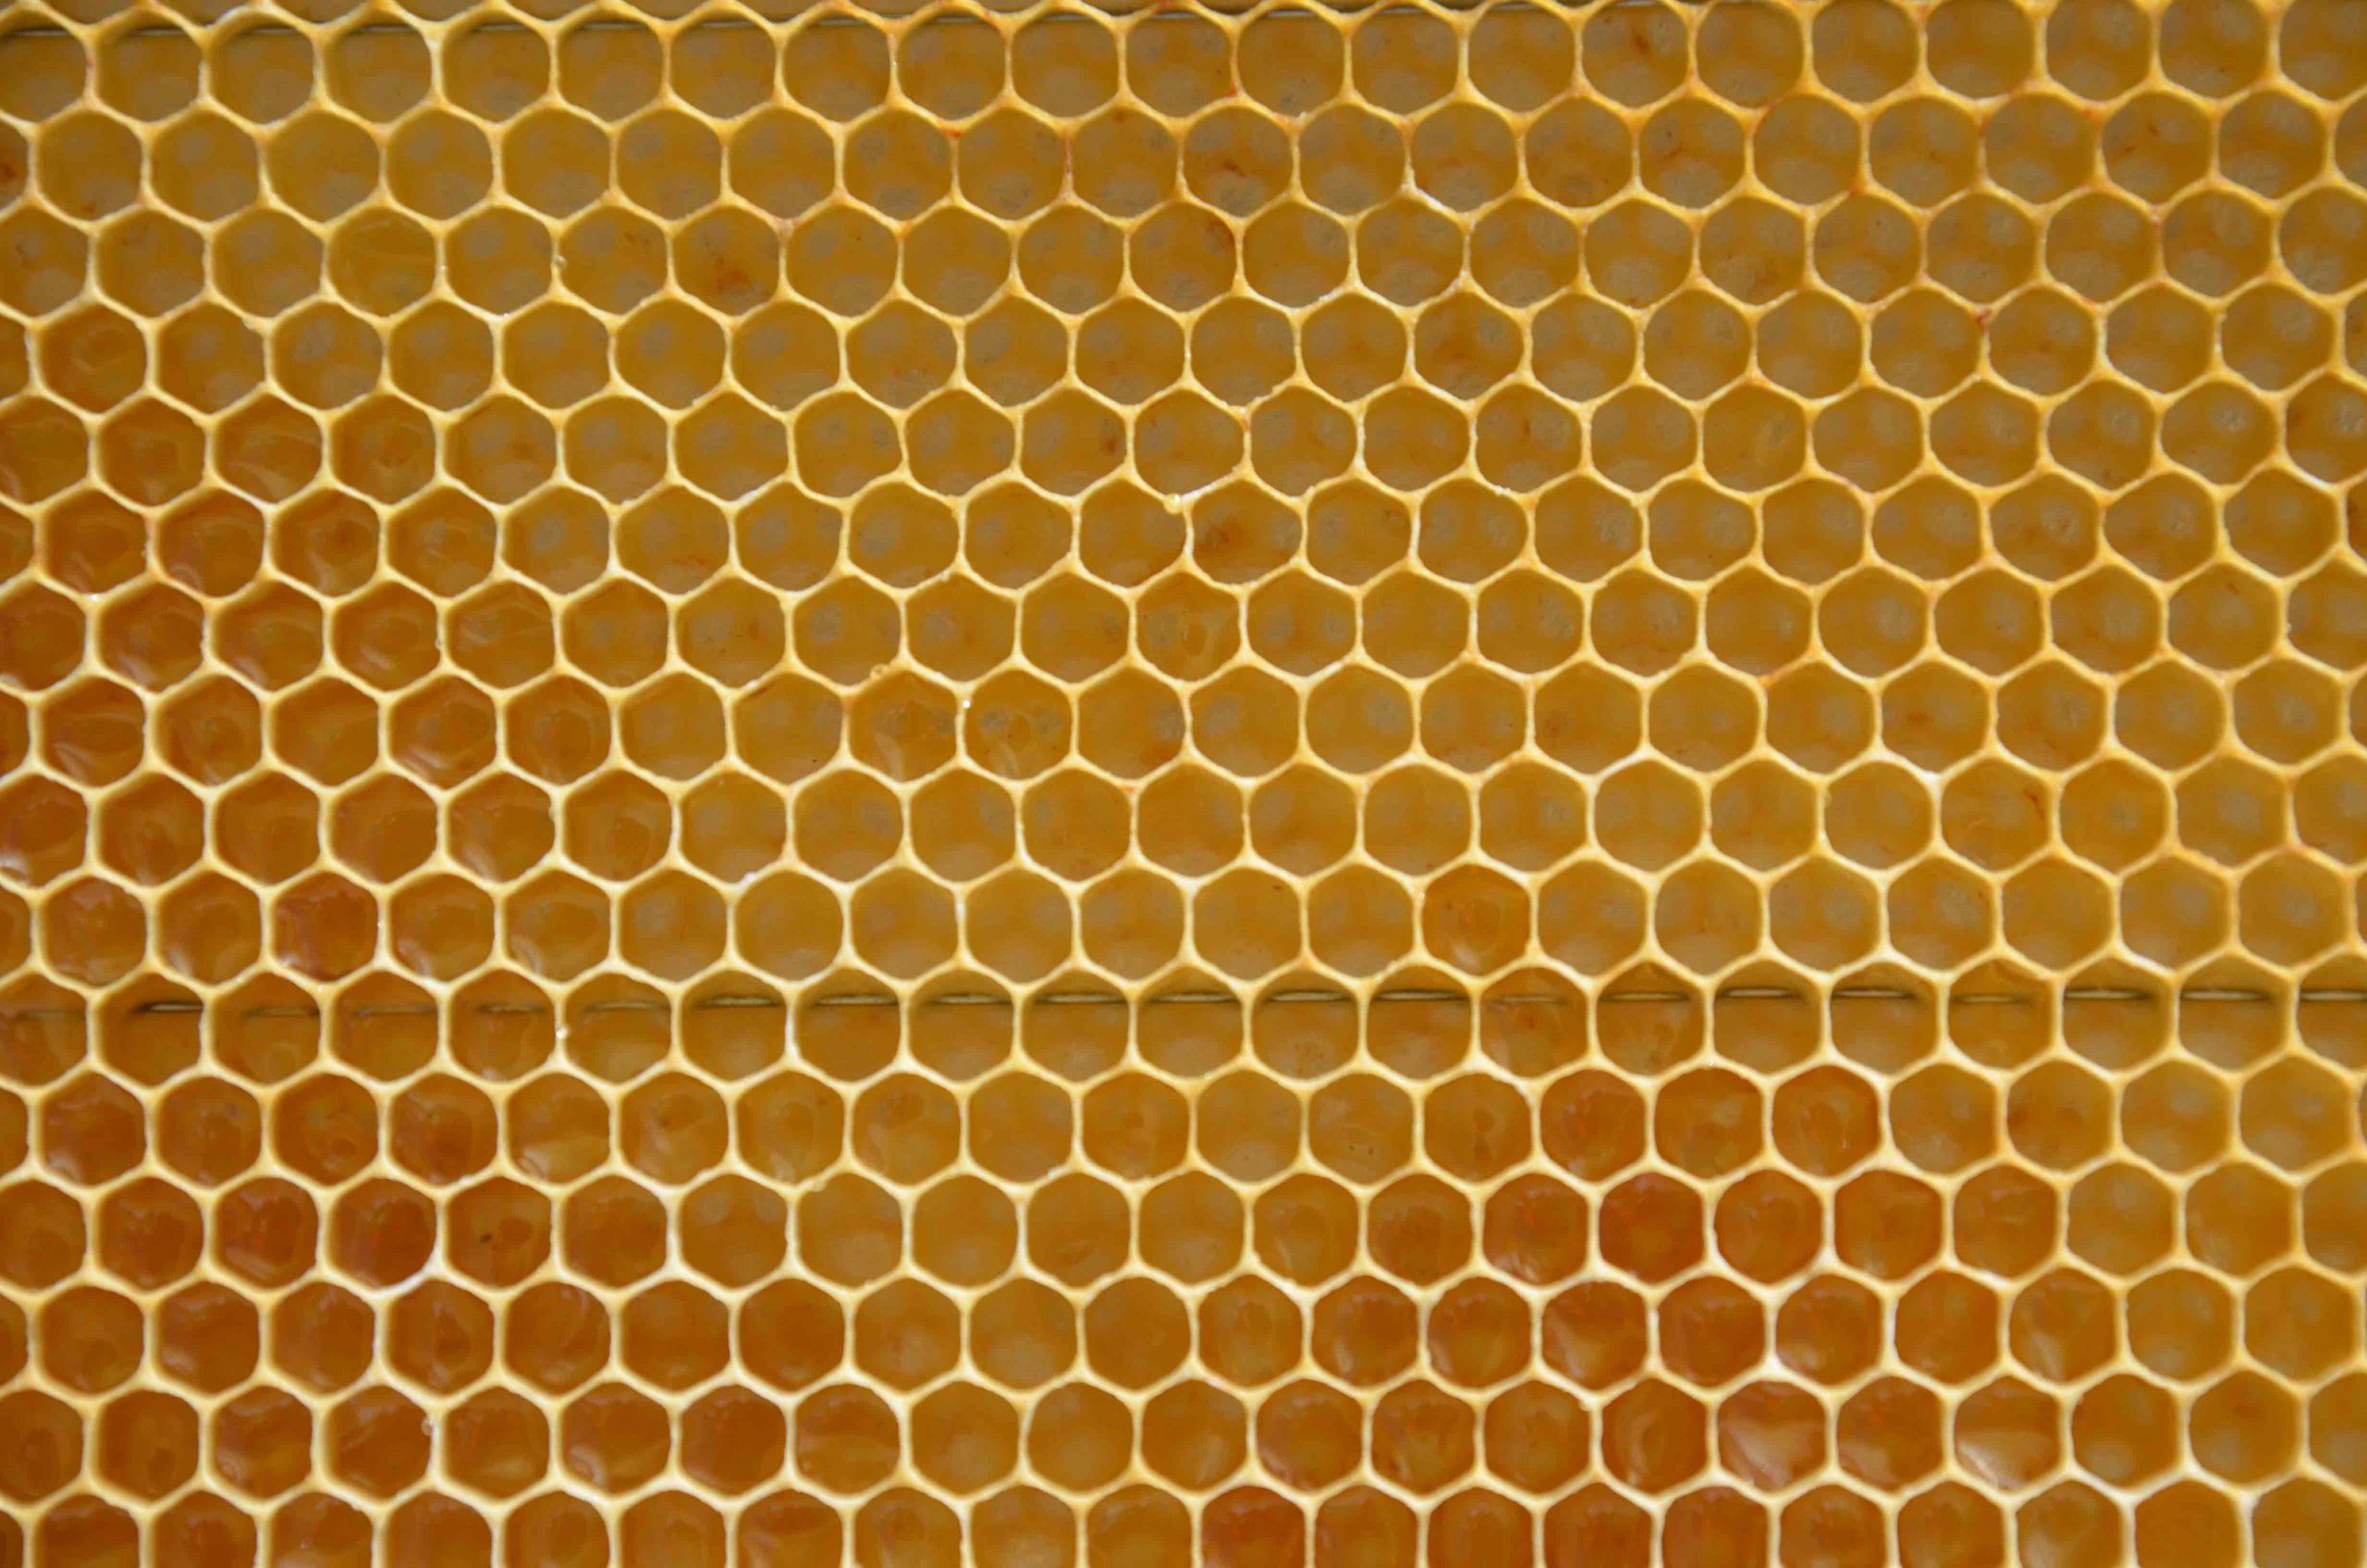 organic local cretan honey production in Crete